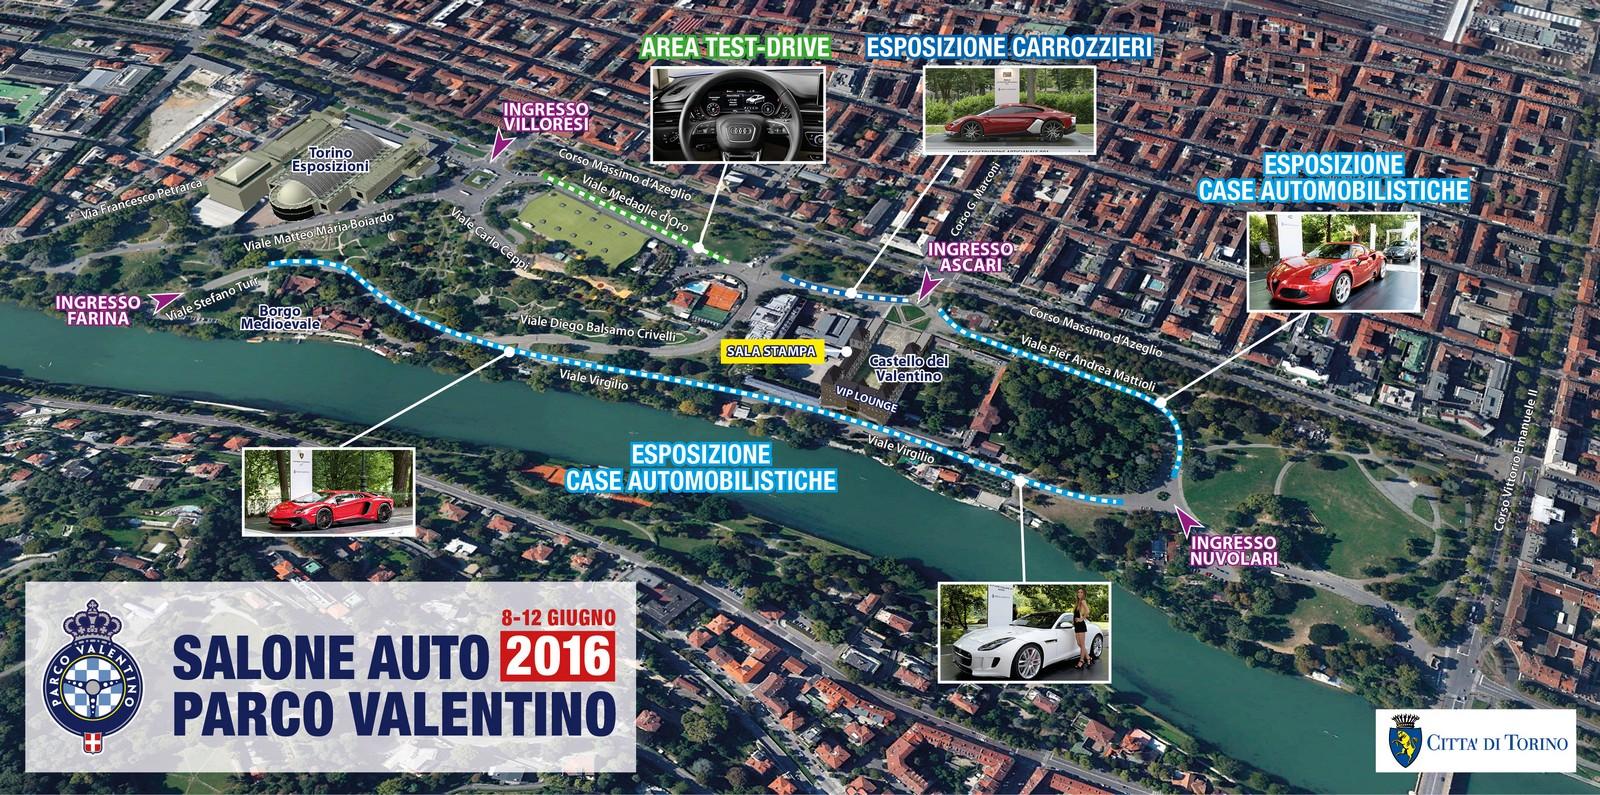 2019 Gran Torino >> Salone dell'auto e Gran Premio, bis a Torino nel 2016 – TorinoClick